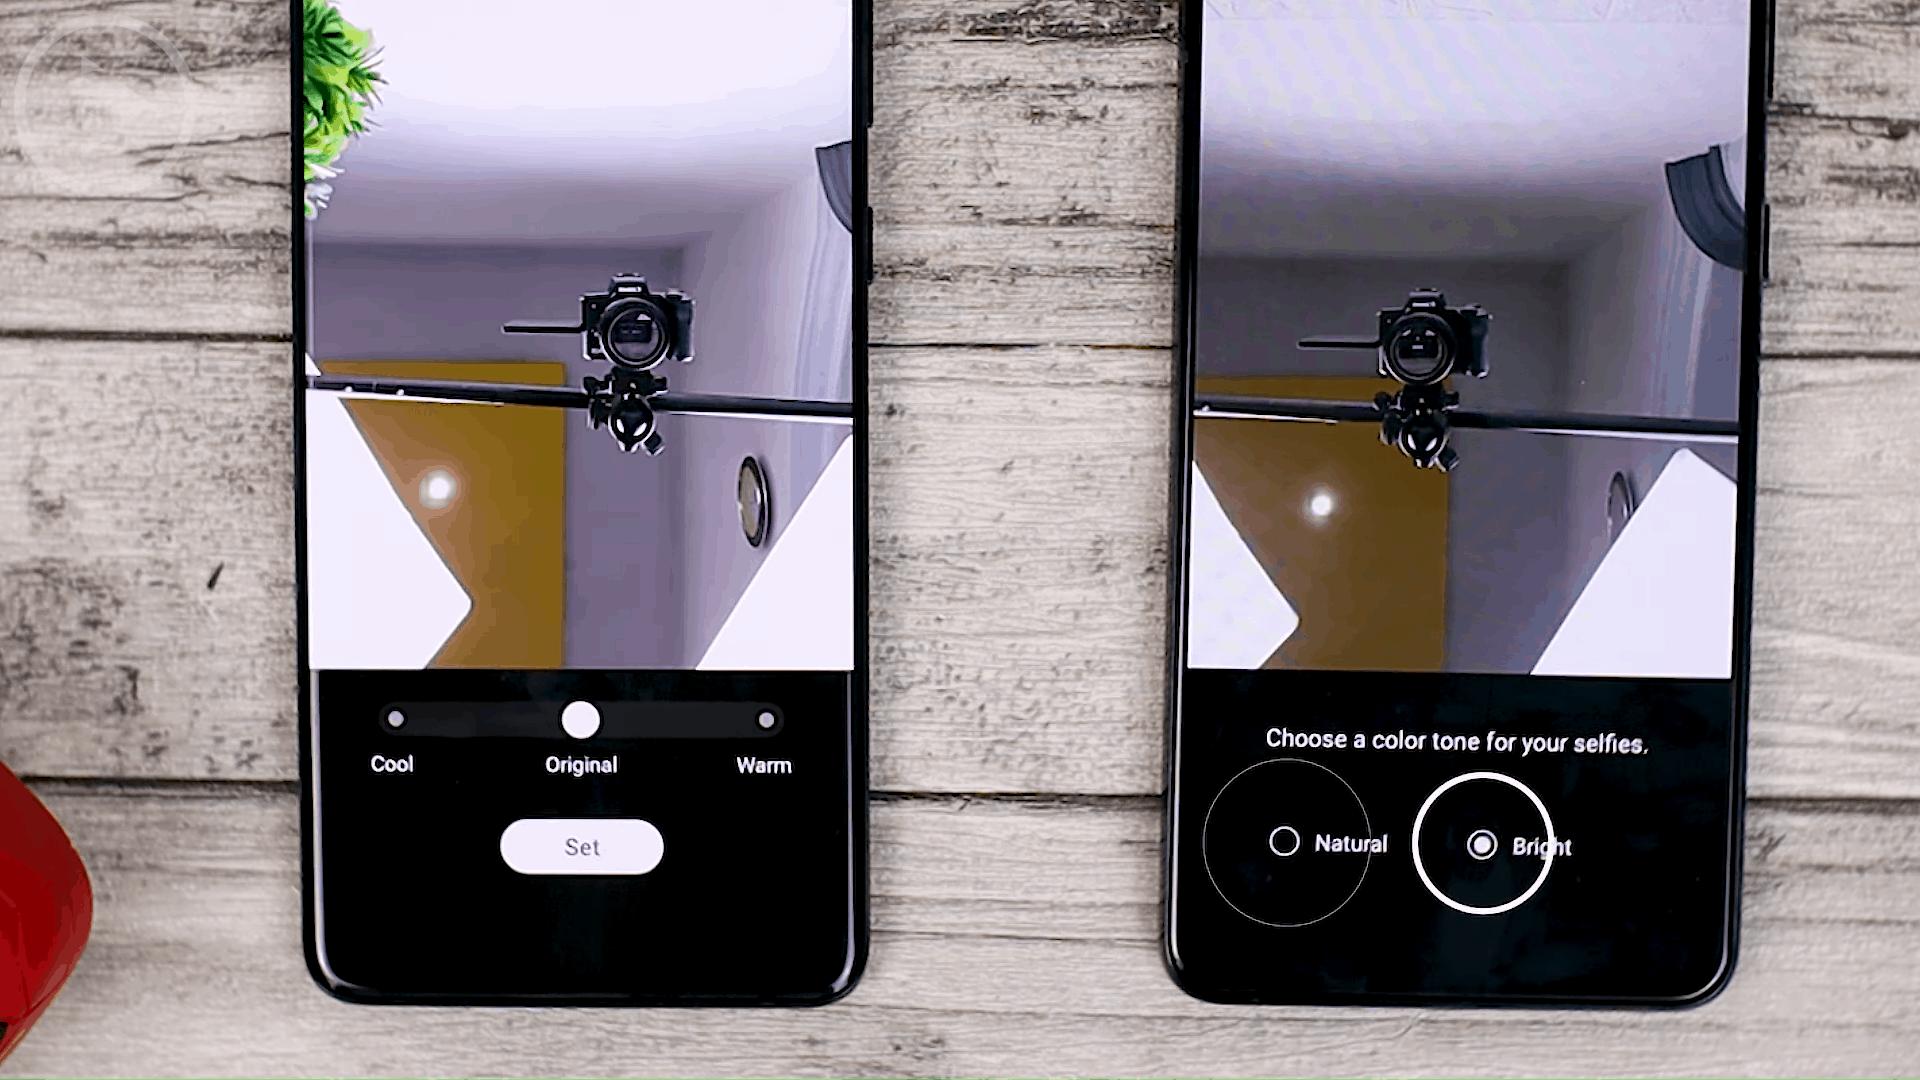 Selfie Mode - Cek Fitur Terbaru One UI 3.1 di Samsung S21+ yang Belum Tersedia di One UI 3.0 Samsung S20+ (PART 2)